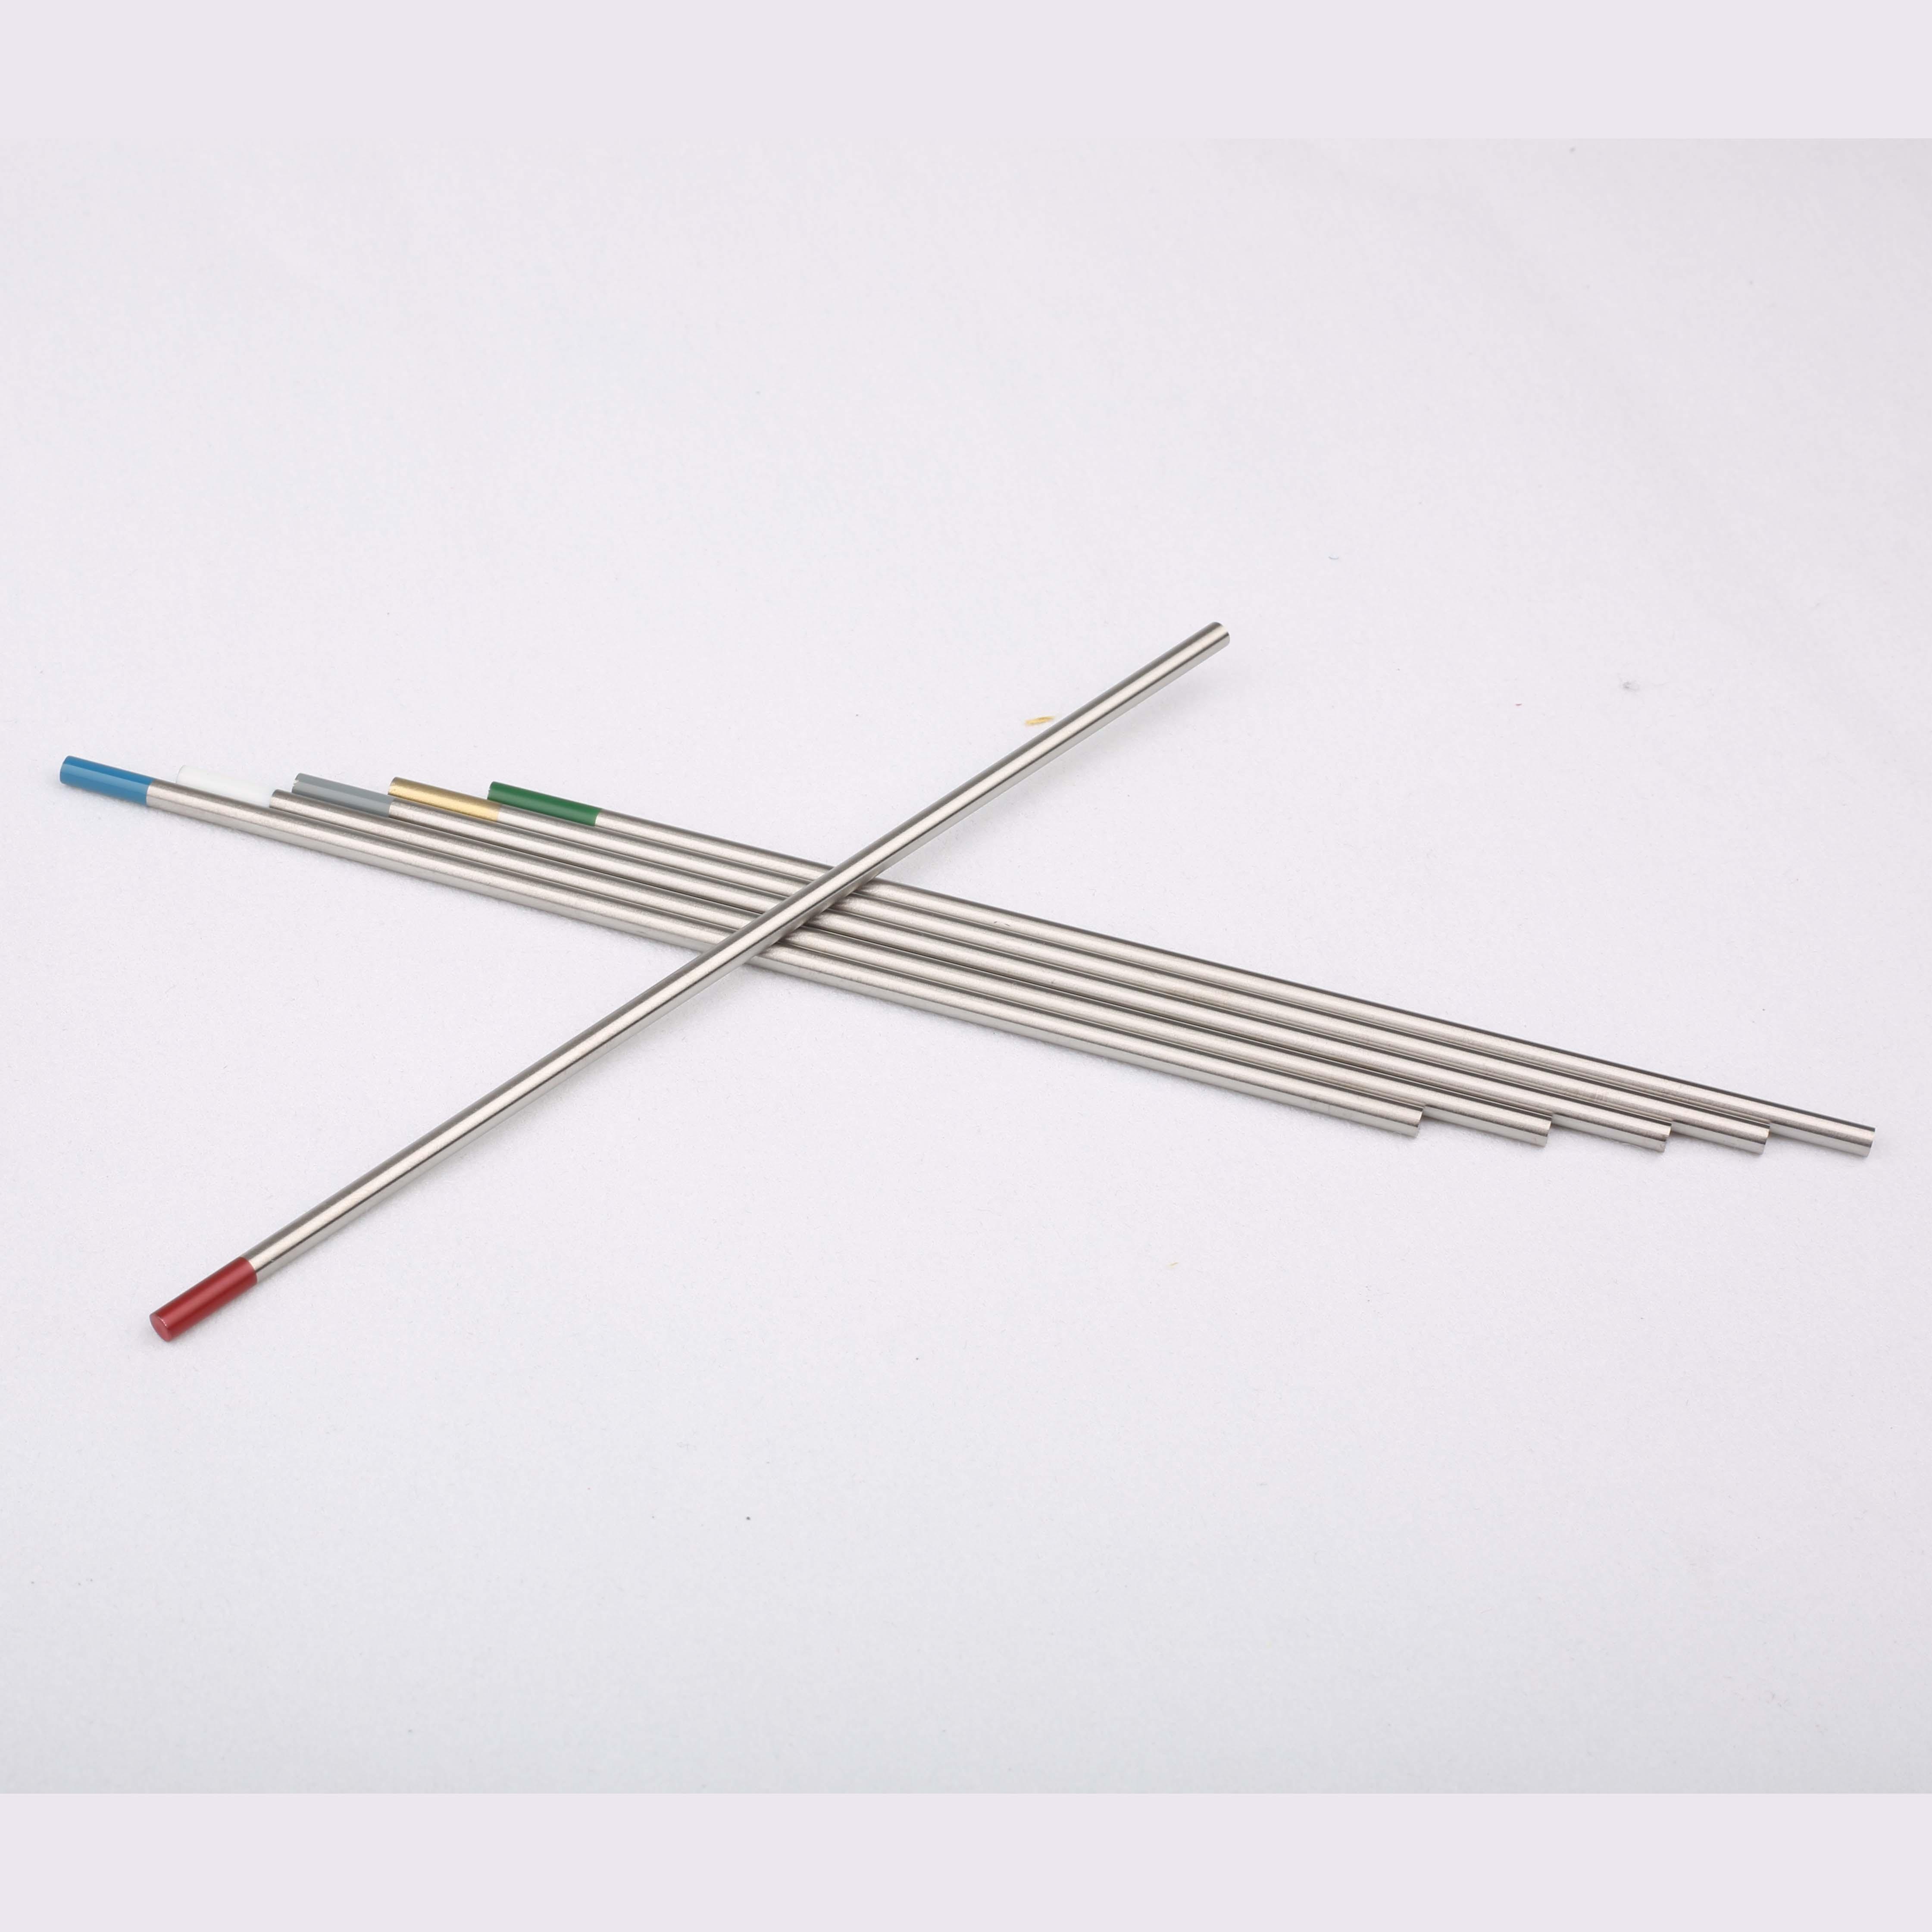 ¿Para qué se utilizan los electrodos de tungsteno?